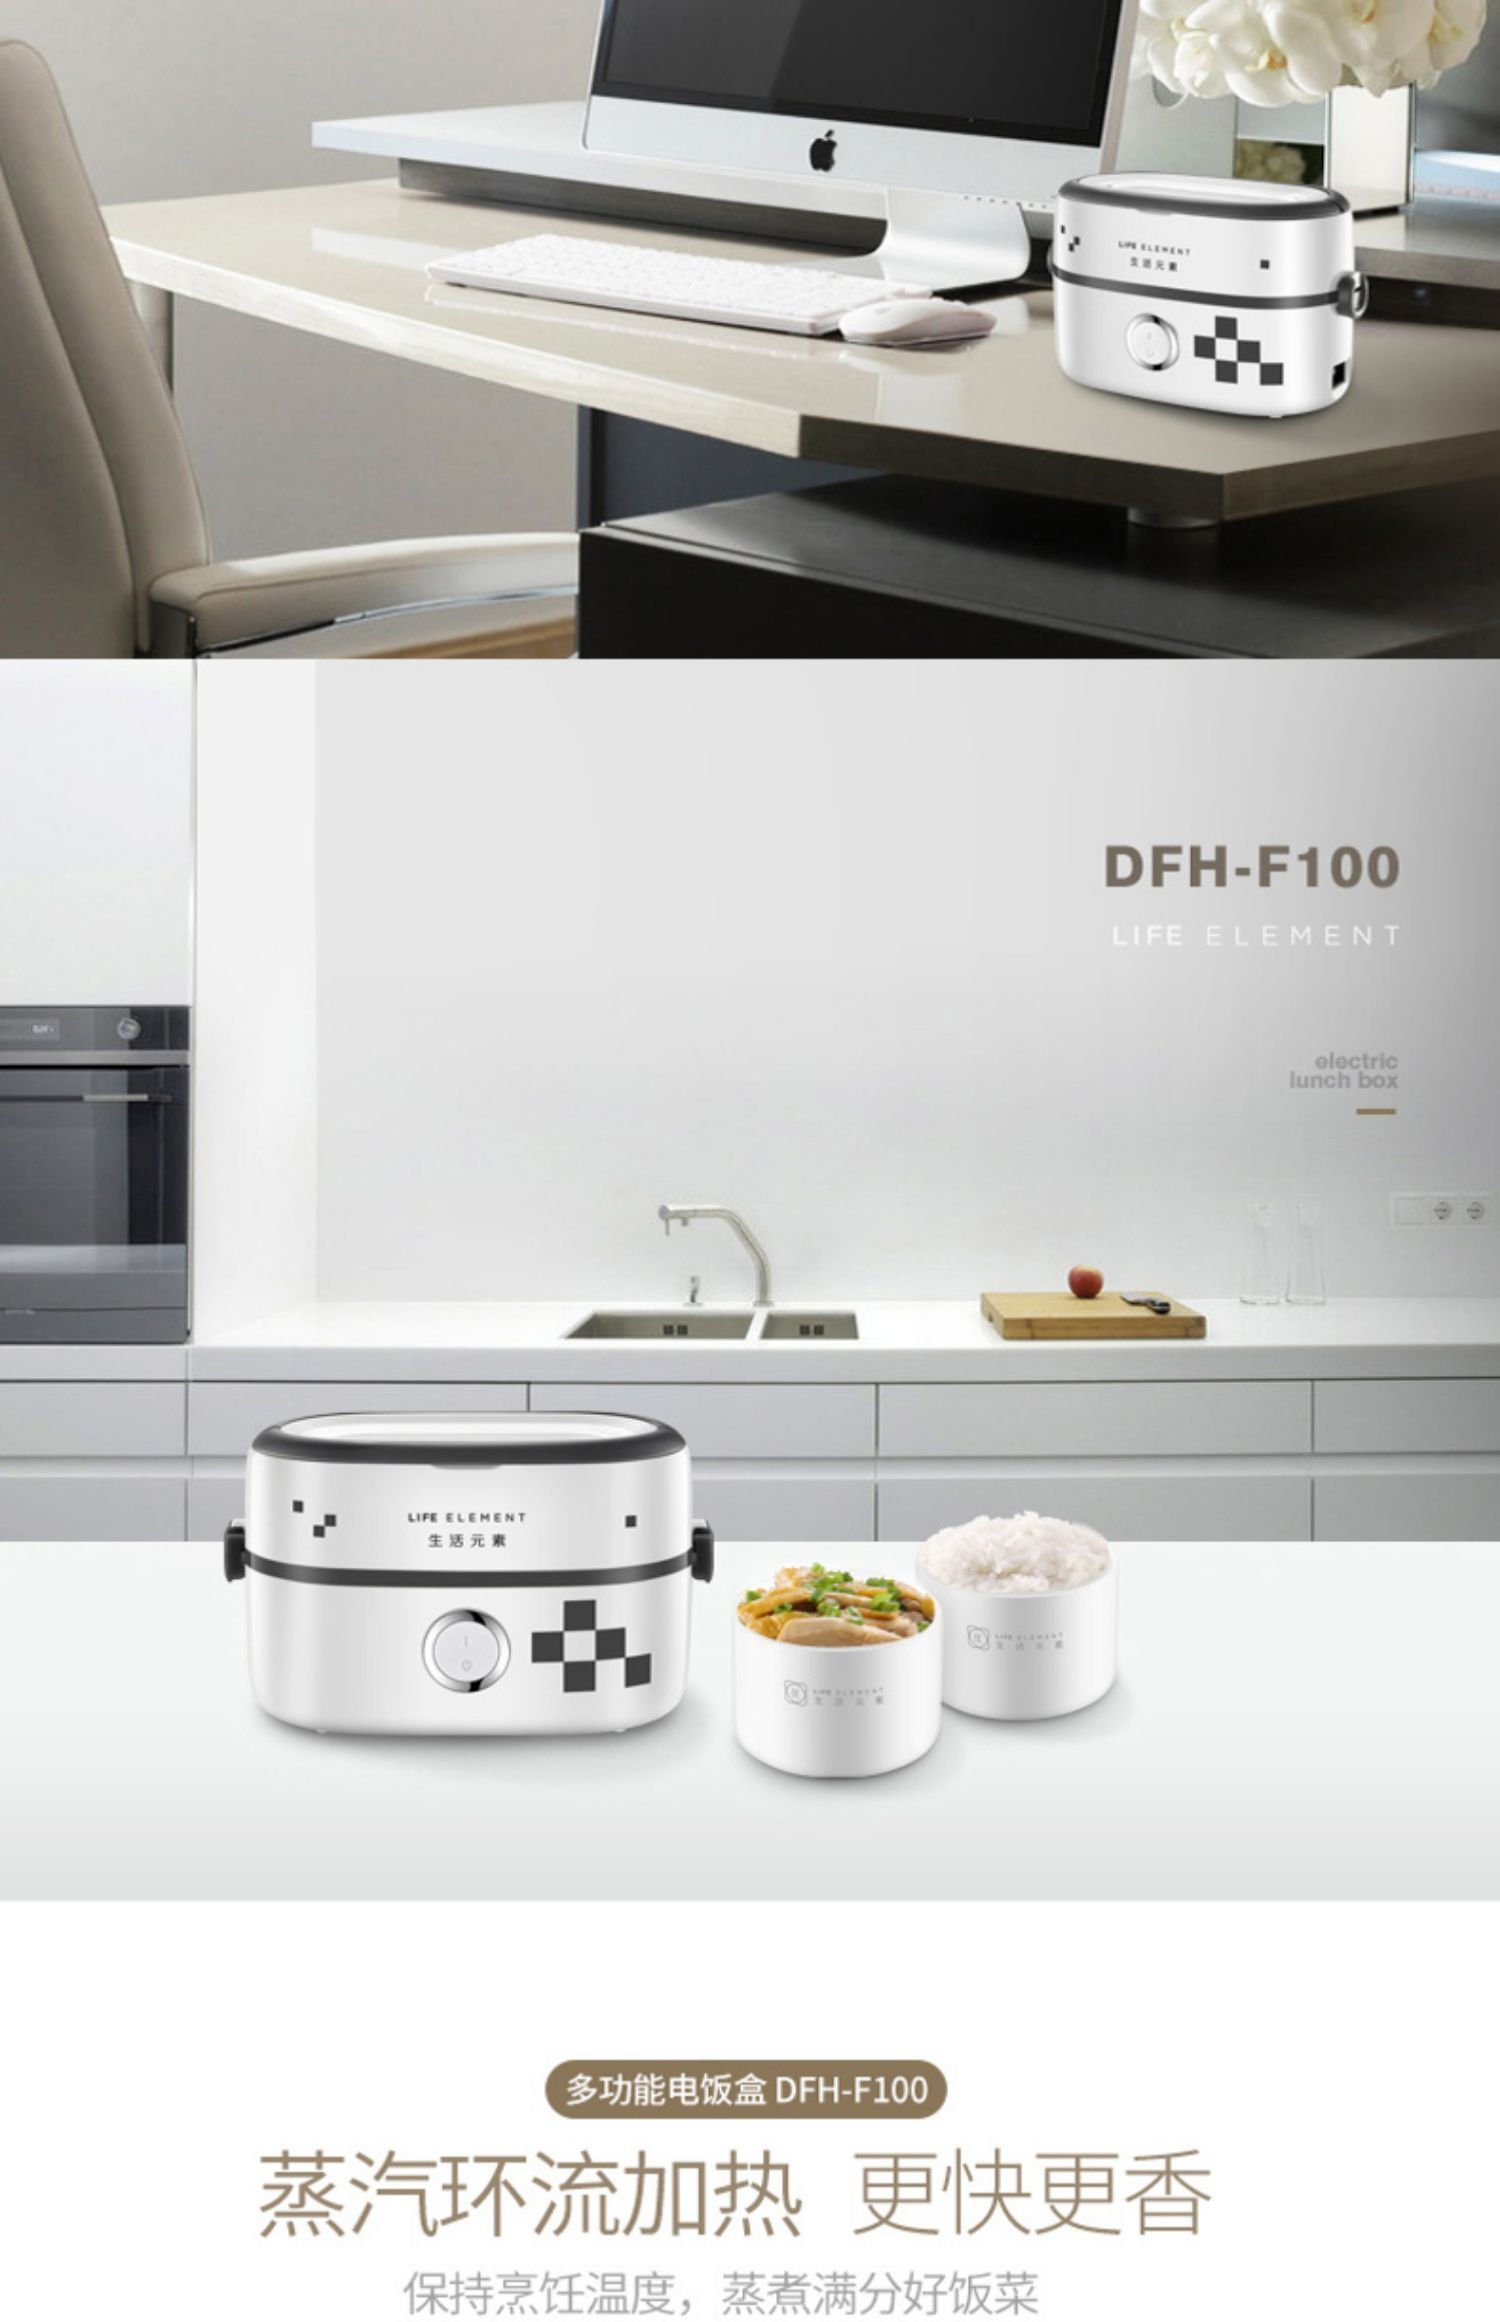 生活元素可插电加热自动保温饭盒上班族便携带饭热饭菜神器保温桶商品详情图